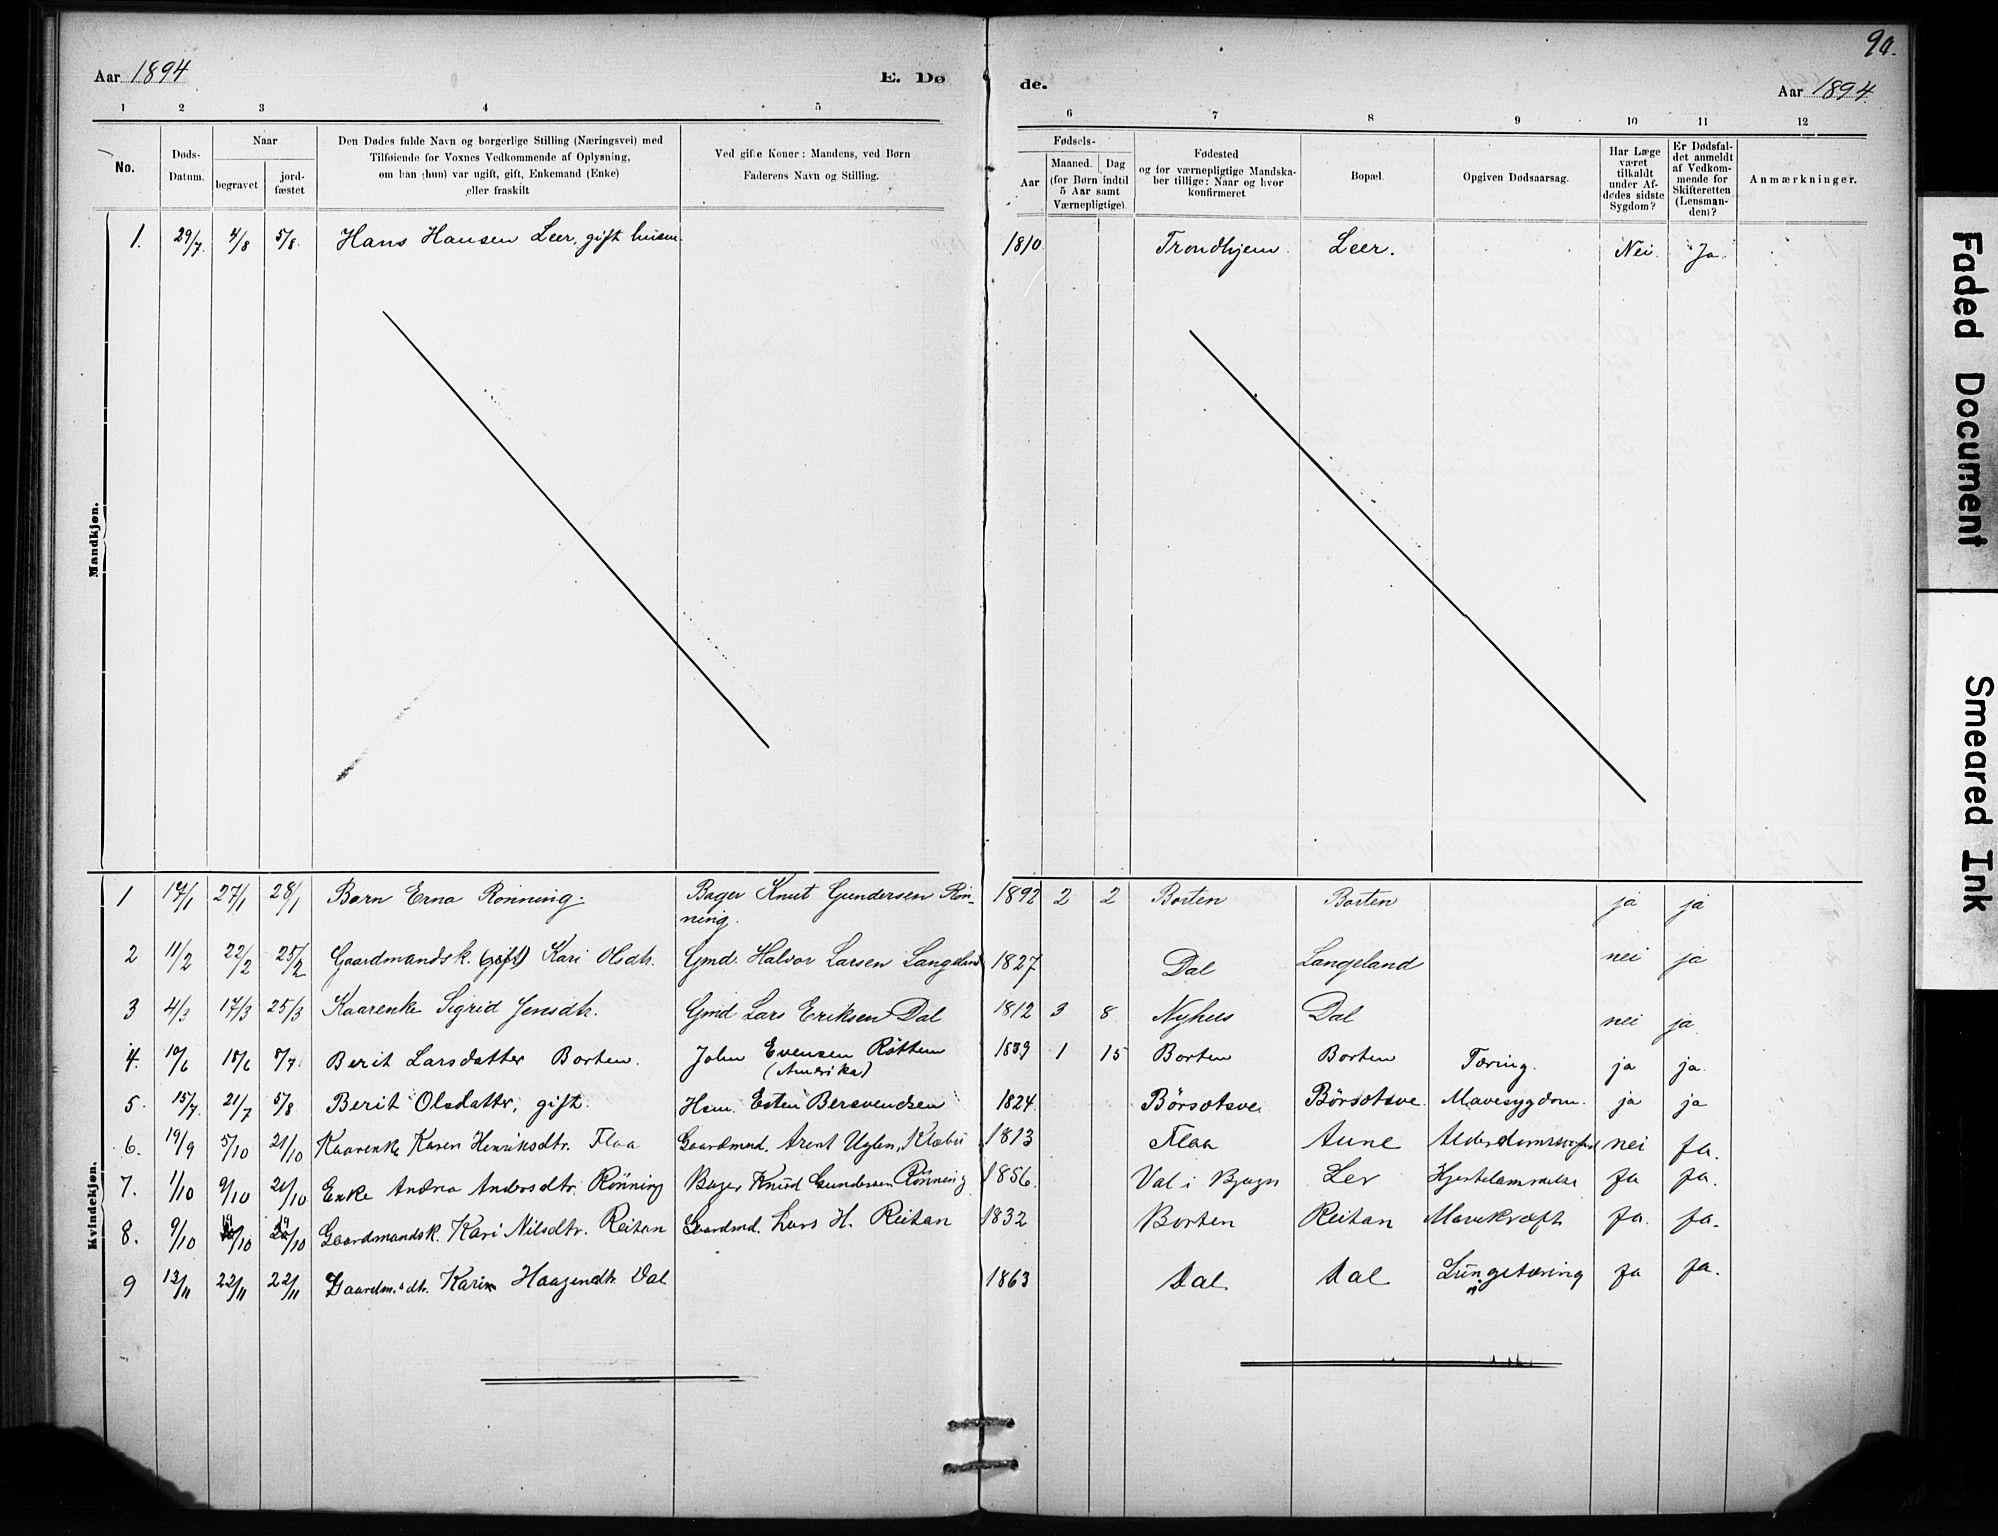 SAT, Ministerialprotokoller, klokkerbøker og fødselsregistre - Sør-Trøndelag, 693/L1119: Ministerialbok nr. 693A01, 1887-1905, s. 90